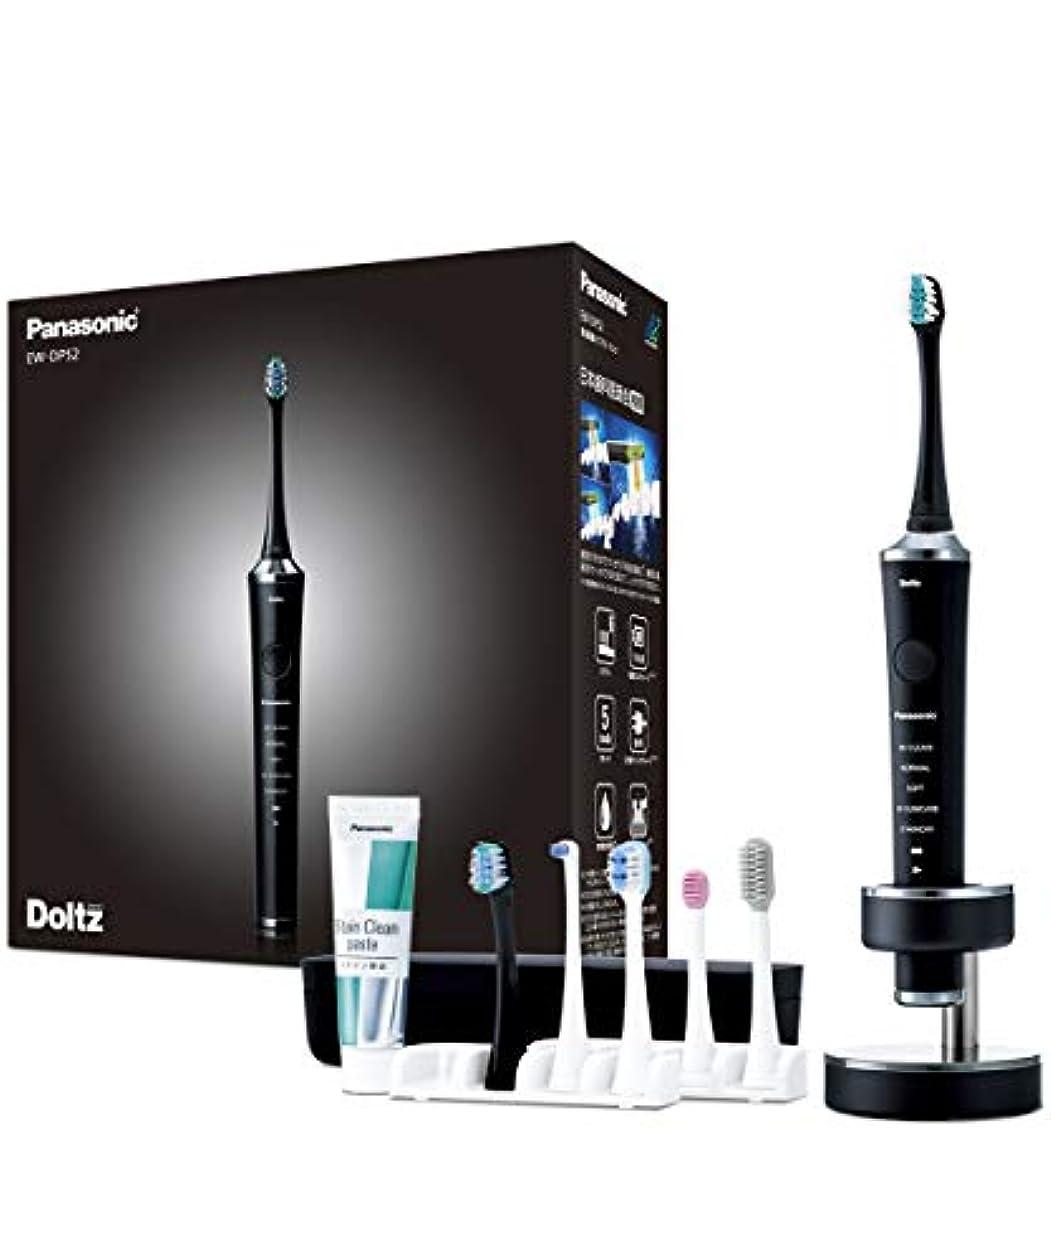 支援する効能ある統合パナソニック 電動歯ブラシ ドルツ 黒 EW-DP52-K